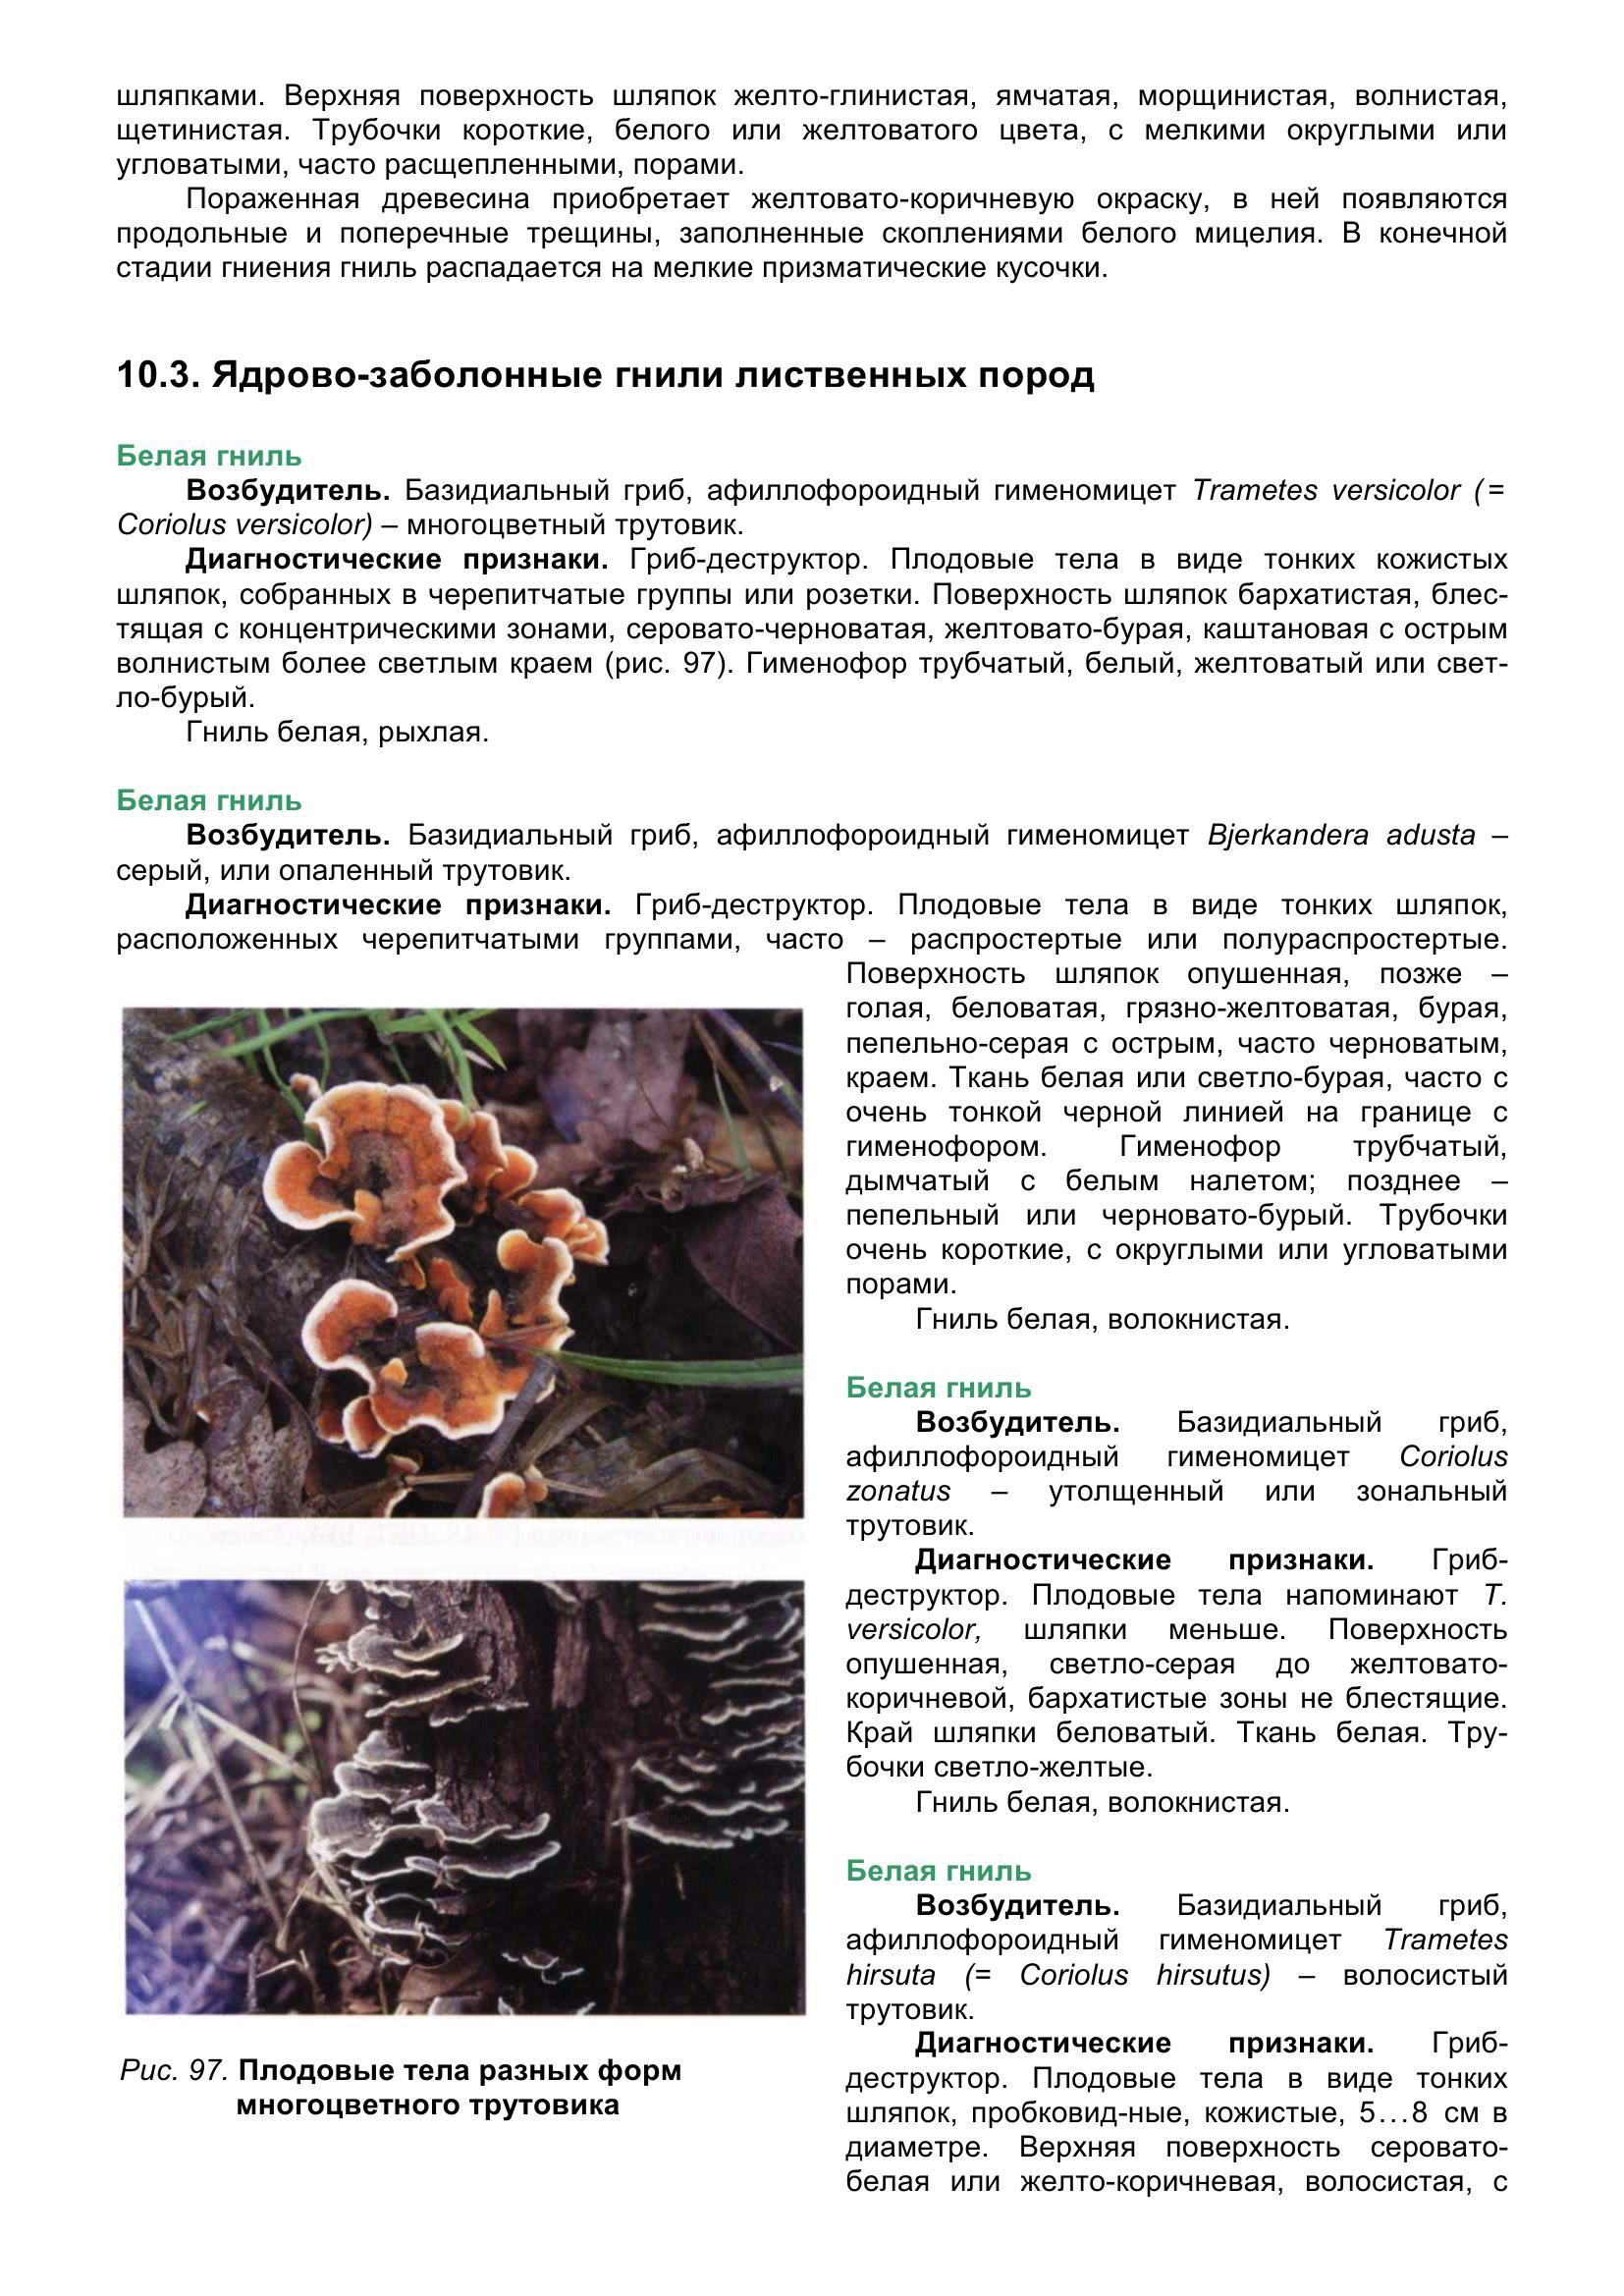 Болезни_древесных_растений_112.jpg